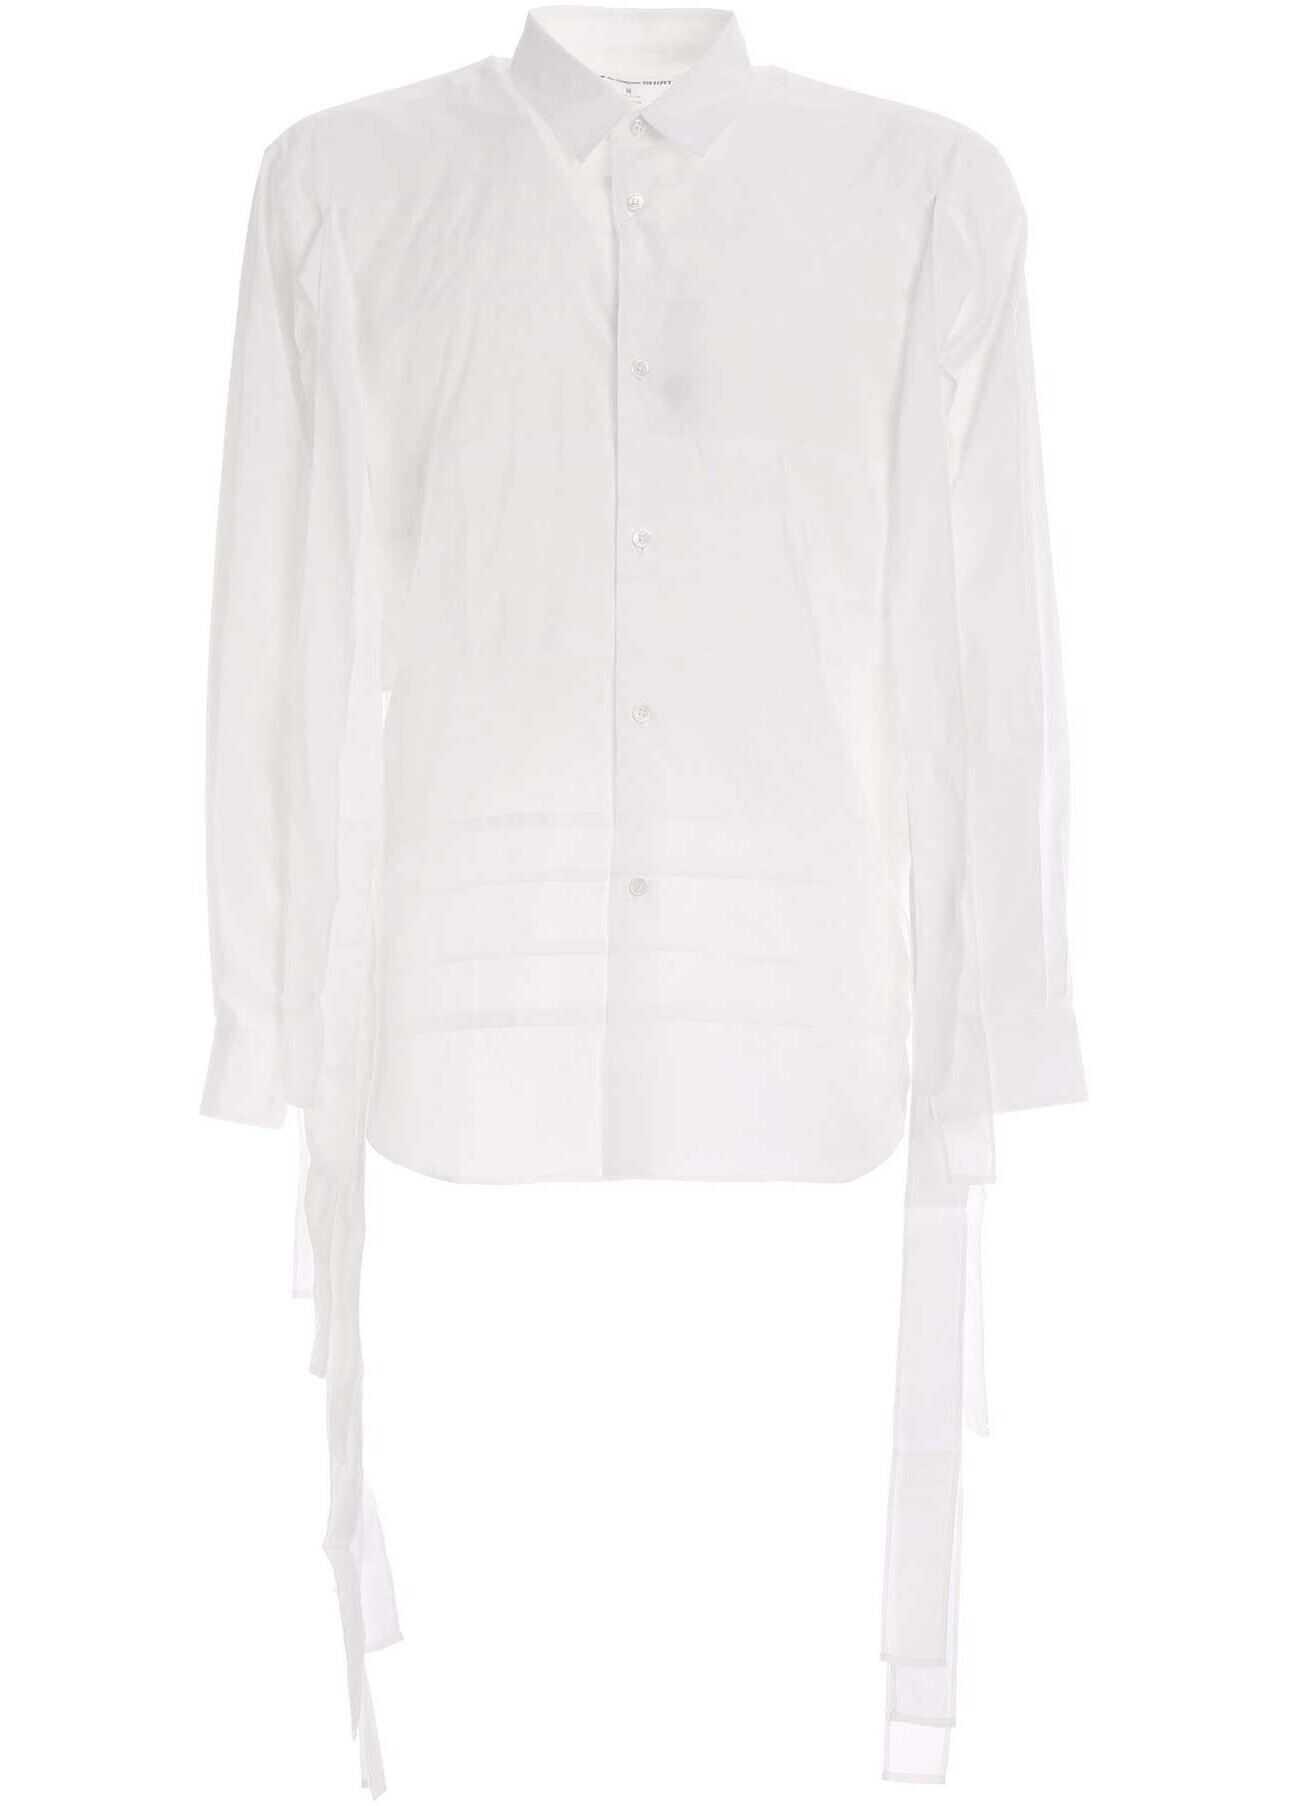 Comme des Garçons Laces Shirt In White White imagine